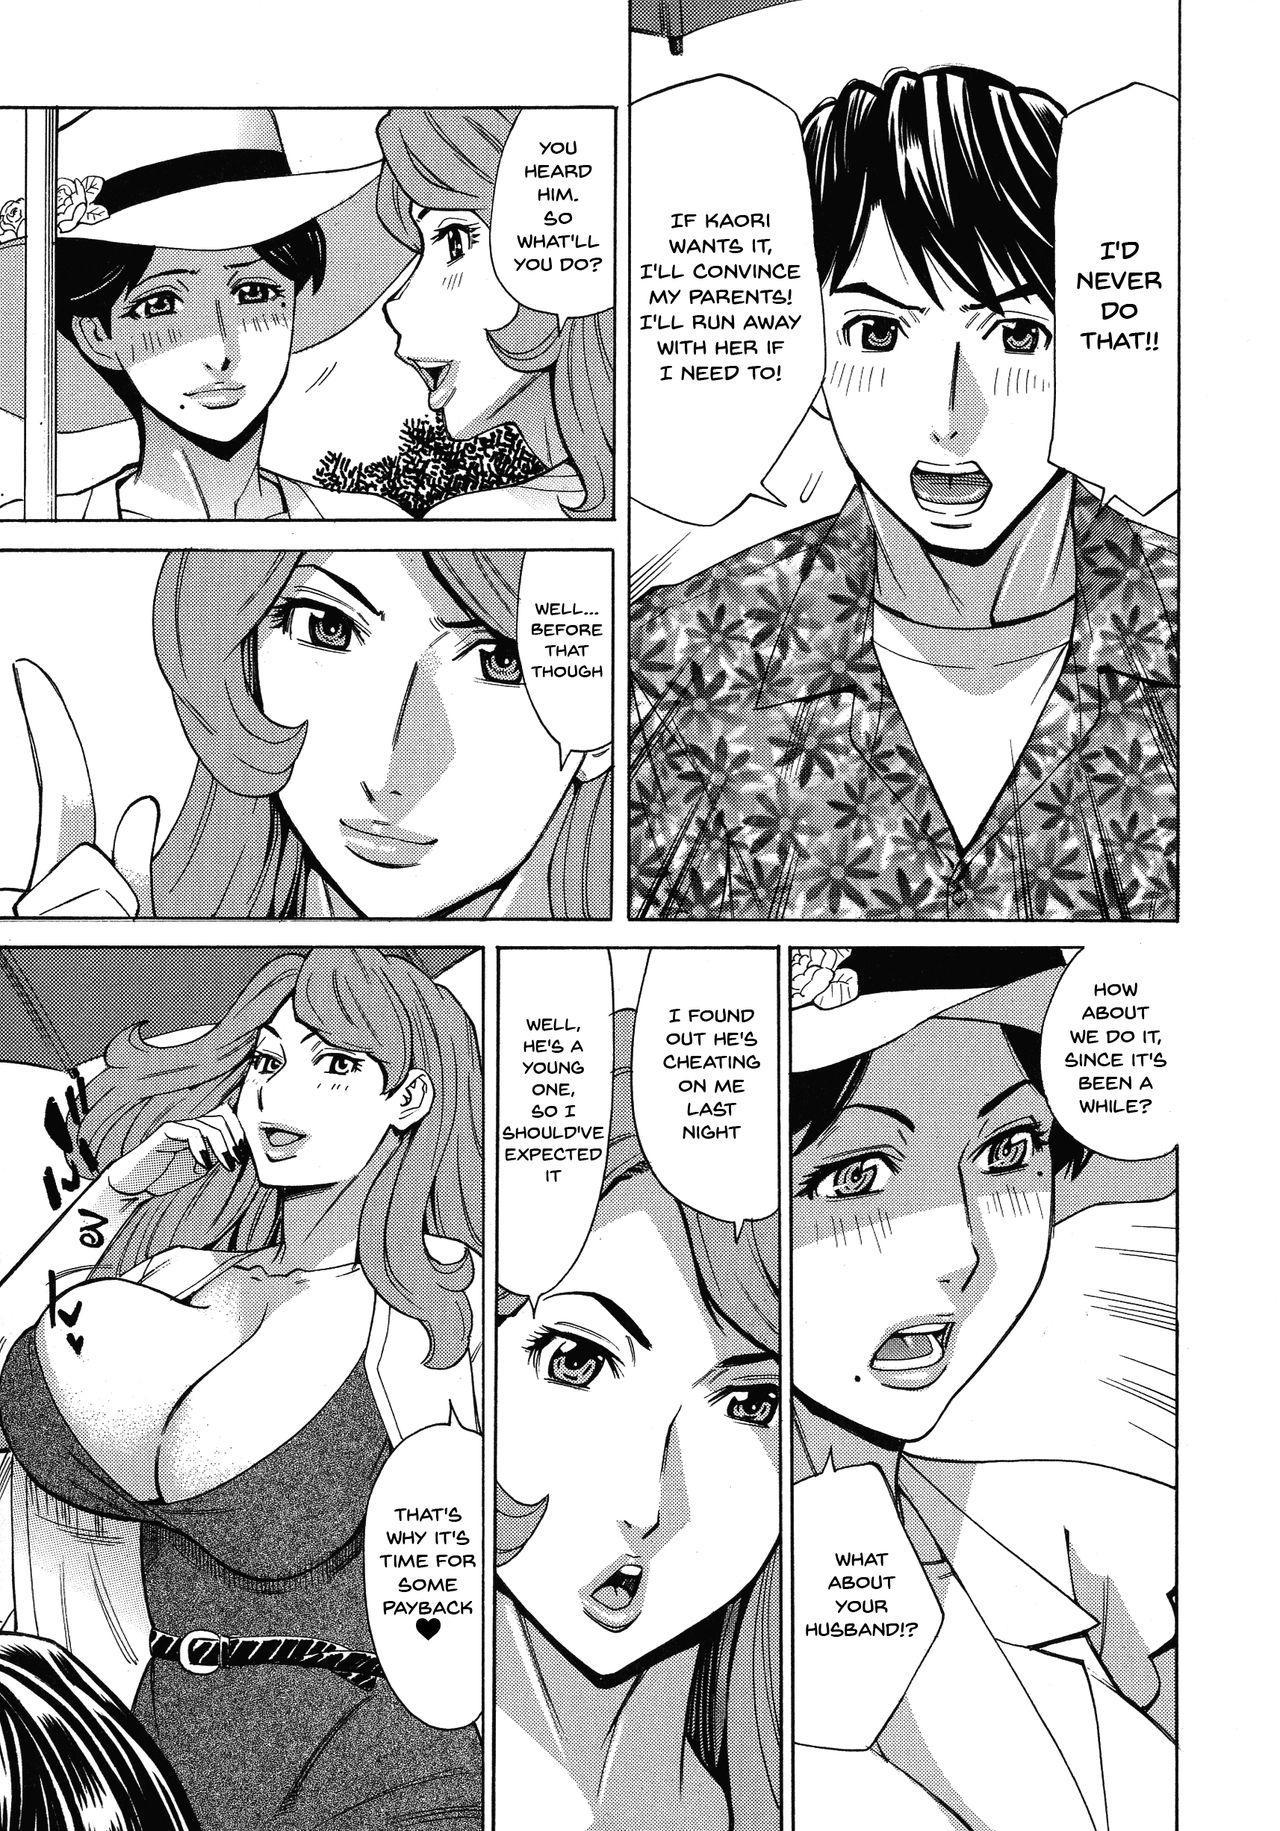 [Makibe Kataru] Hitozuma Koi Hanabi ~Hajimete no Furin ga 3P ni Itaru made~ Ch.1-9 [English] {Doujins.com} 136